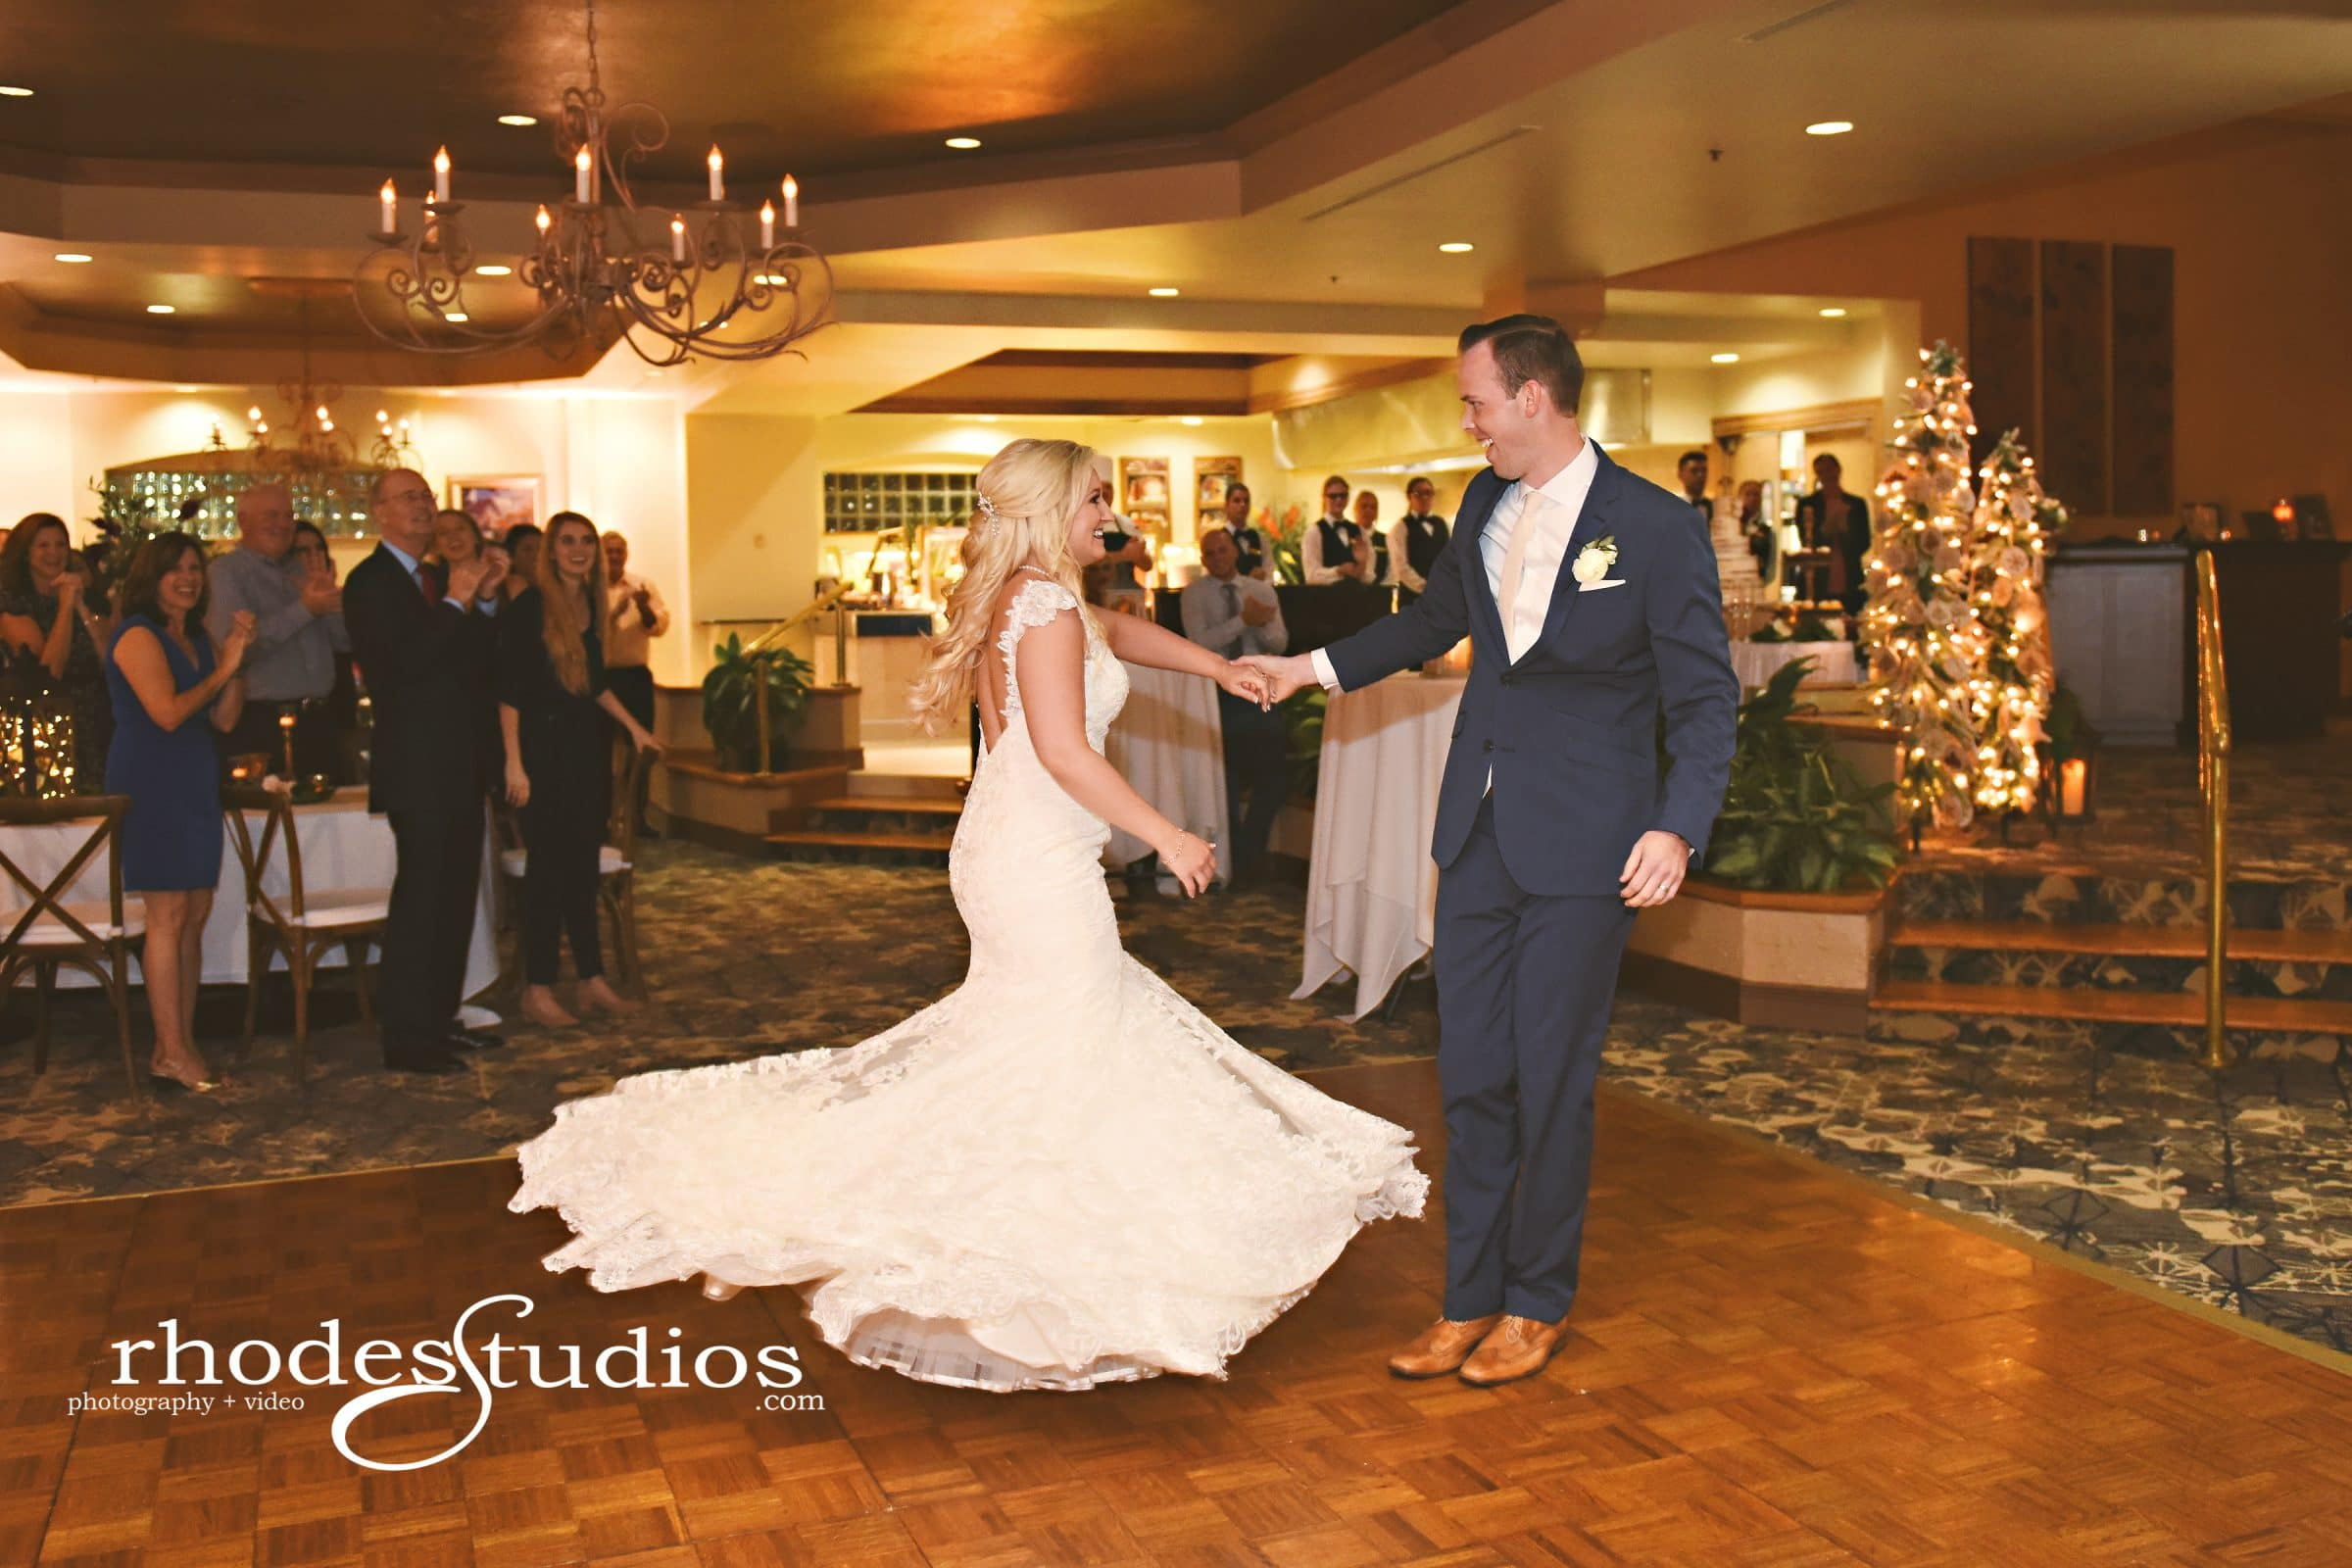 Groom twirling bride in mermaid dress